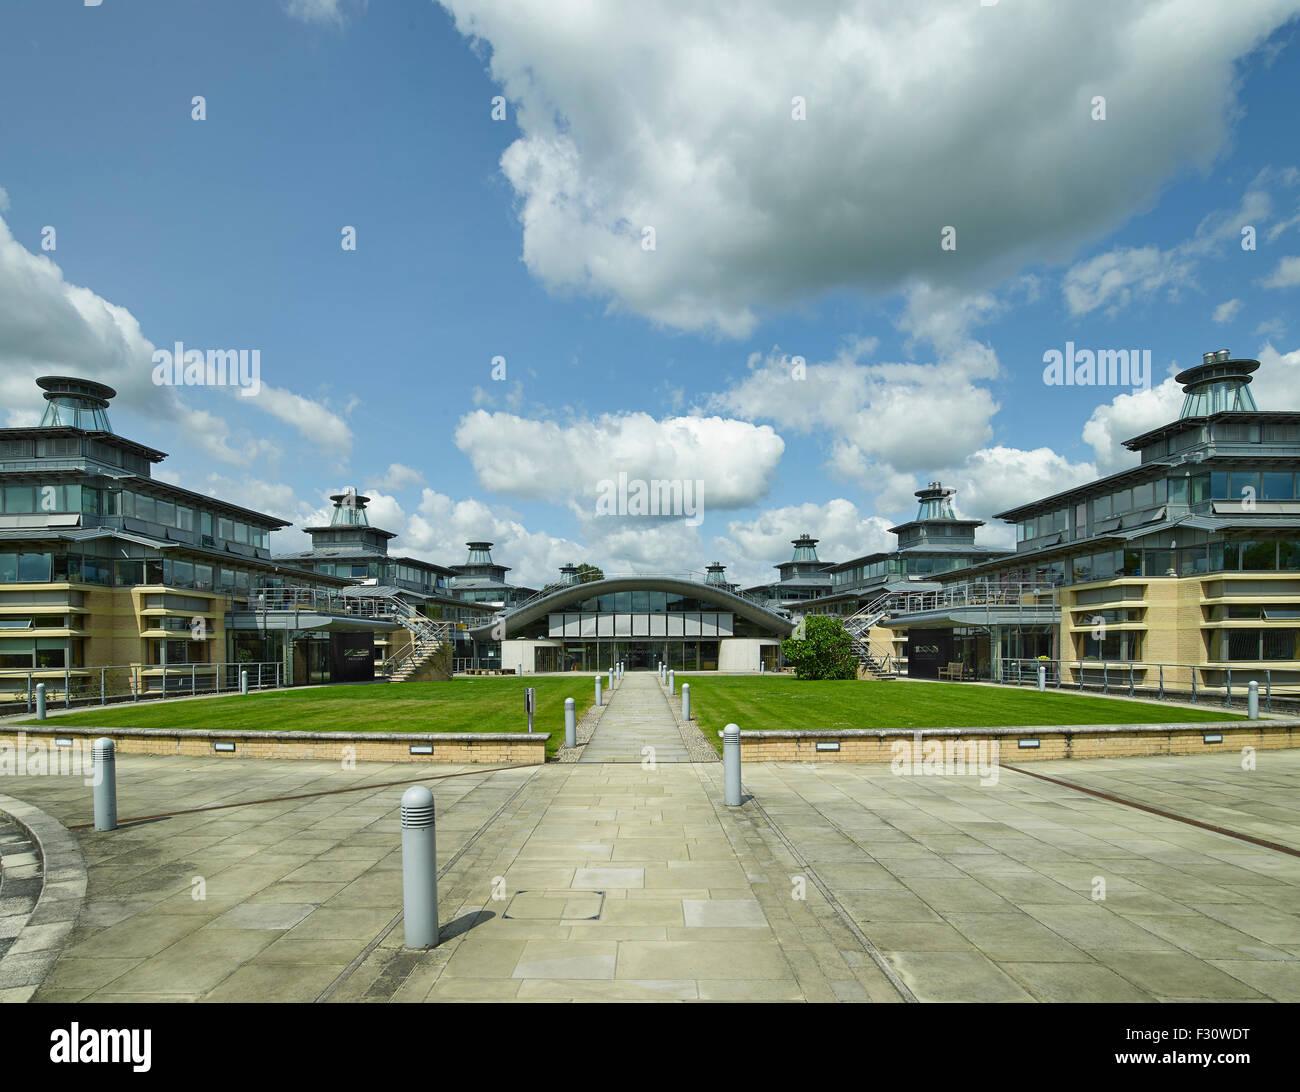 Cambridge University Center per studi matematici di Edward Cullinan Architects Immagini Stock